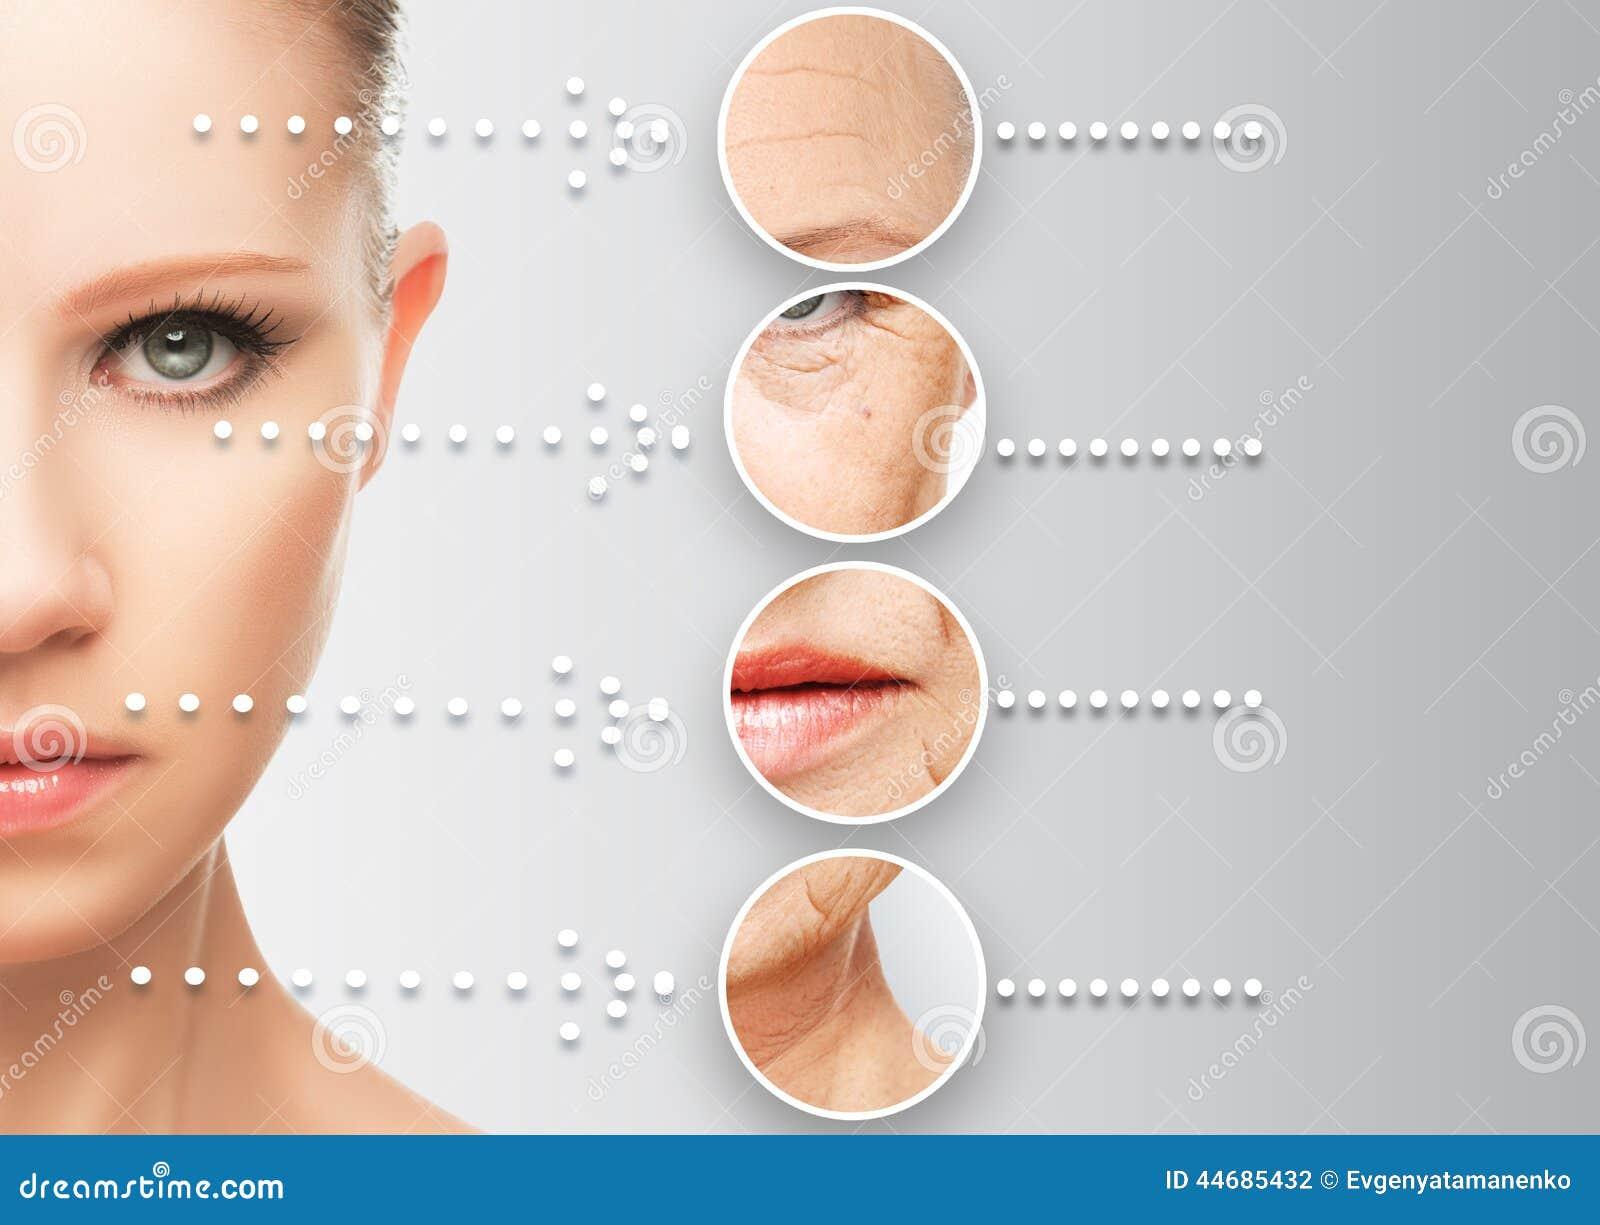 Comprare banche cosmetiche per massaggio di massaggio al viso di vuoto